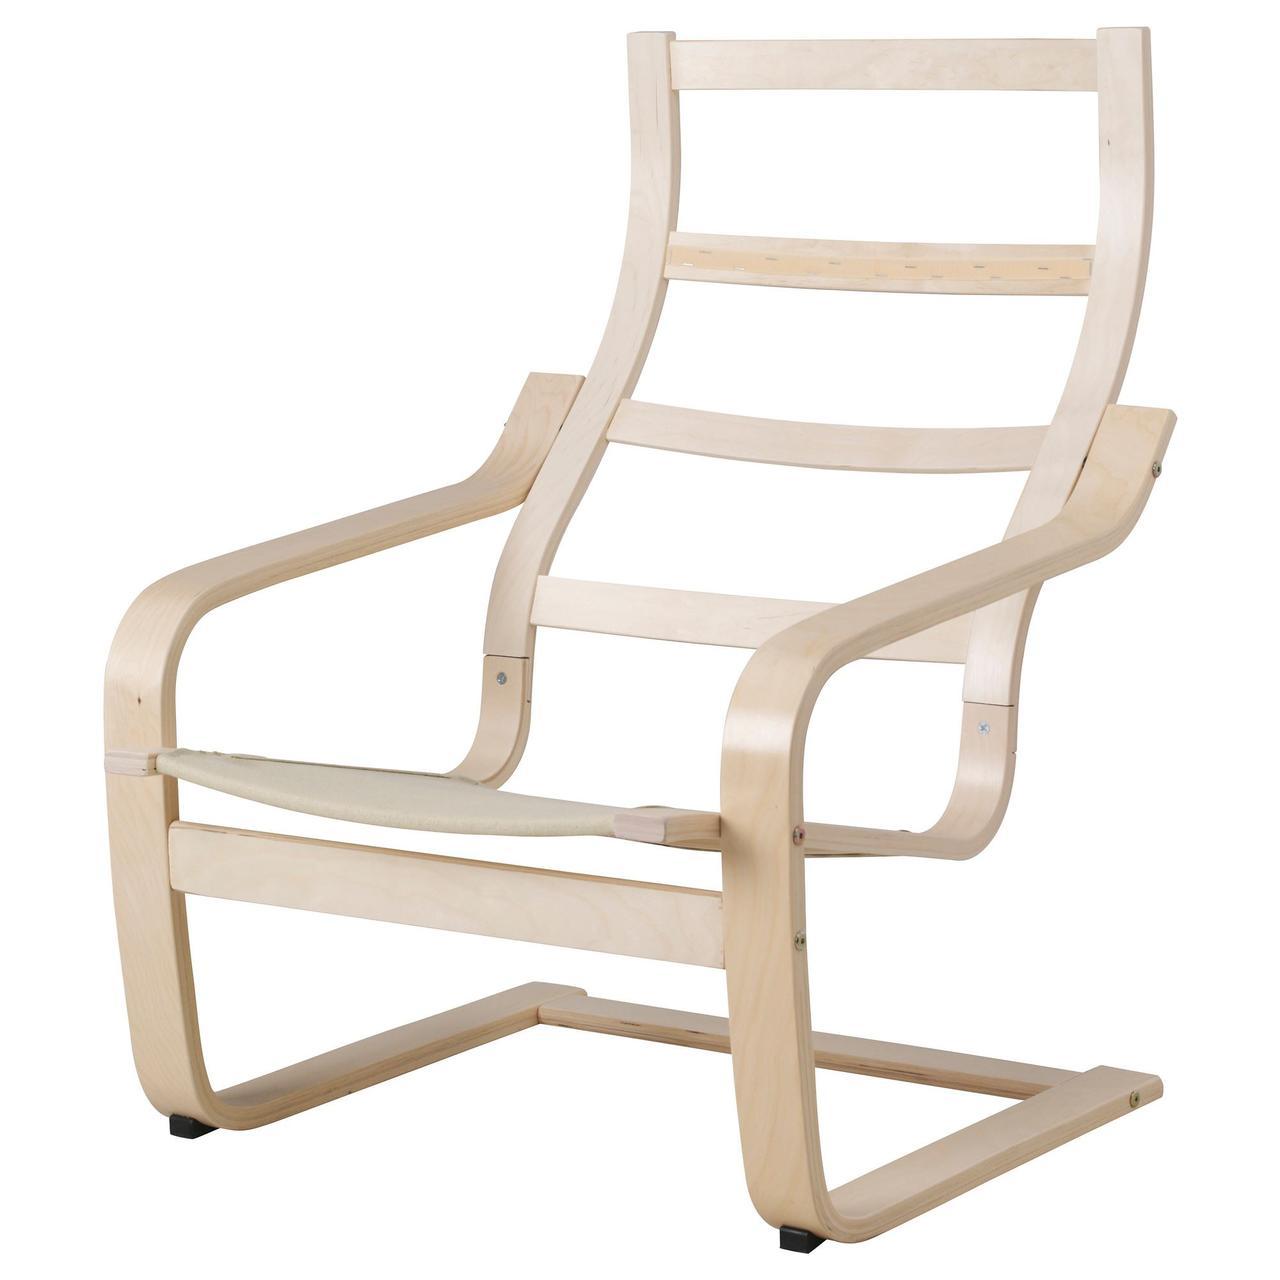 Каркас кресла IKEA POÄNG 813.058.07